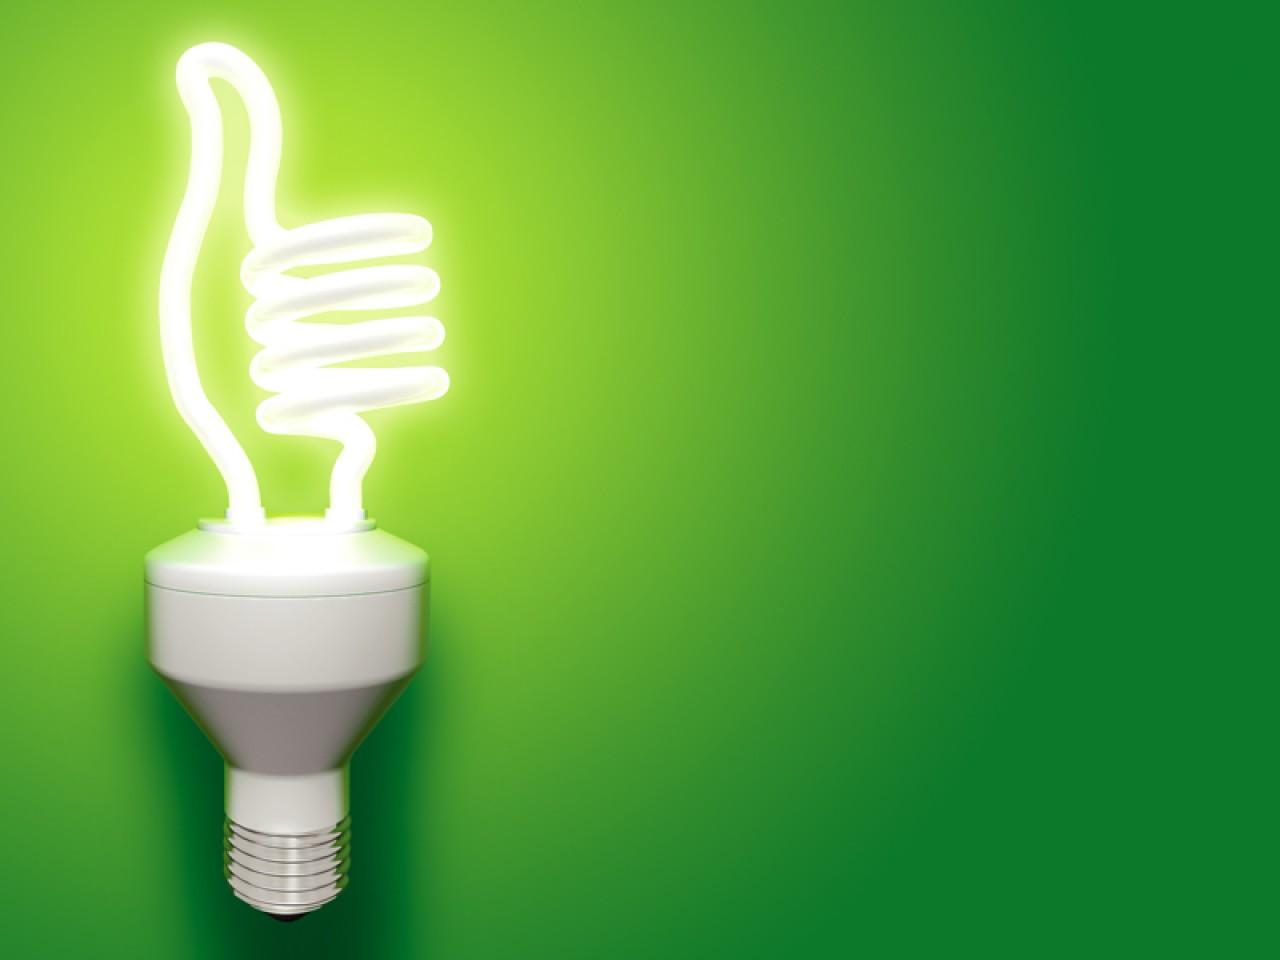 Энергоэффективность в системе освещения